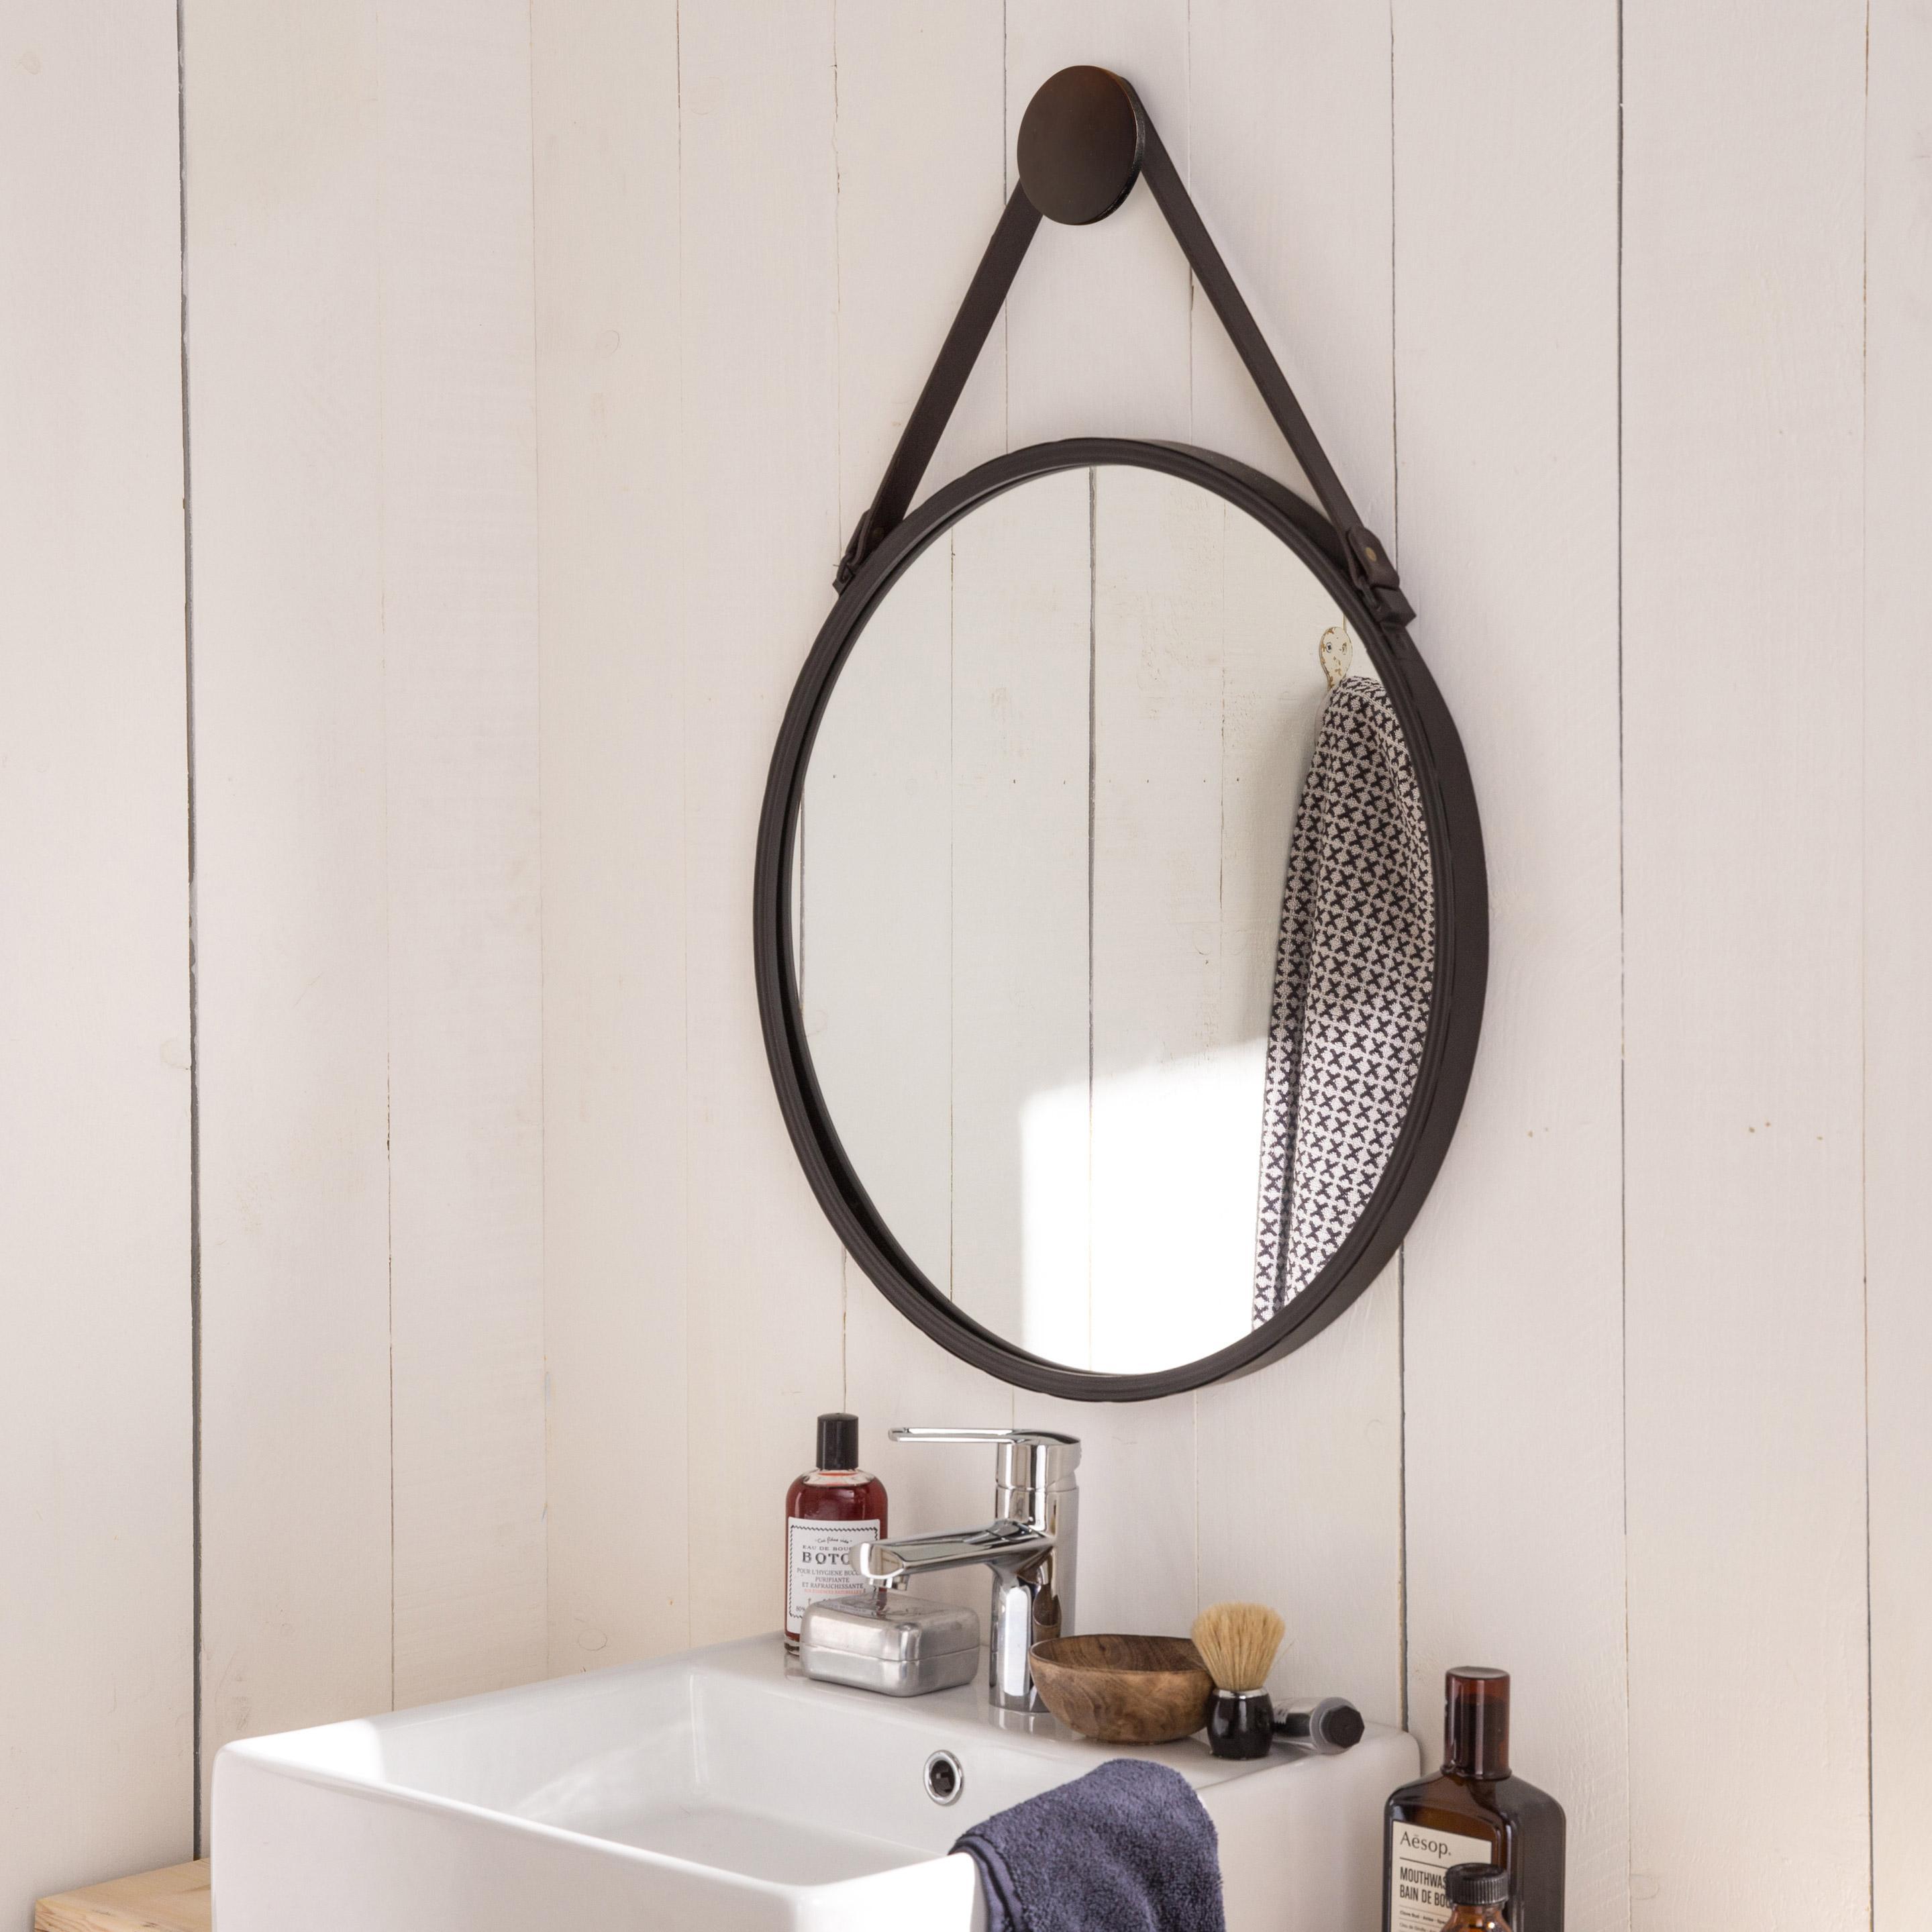 Epingle Par Cheneau Sur Salle De Bains En 2020 Miroir Rond Miroir Coiffeuse Miroir Style Industriel